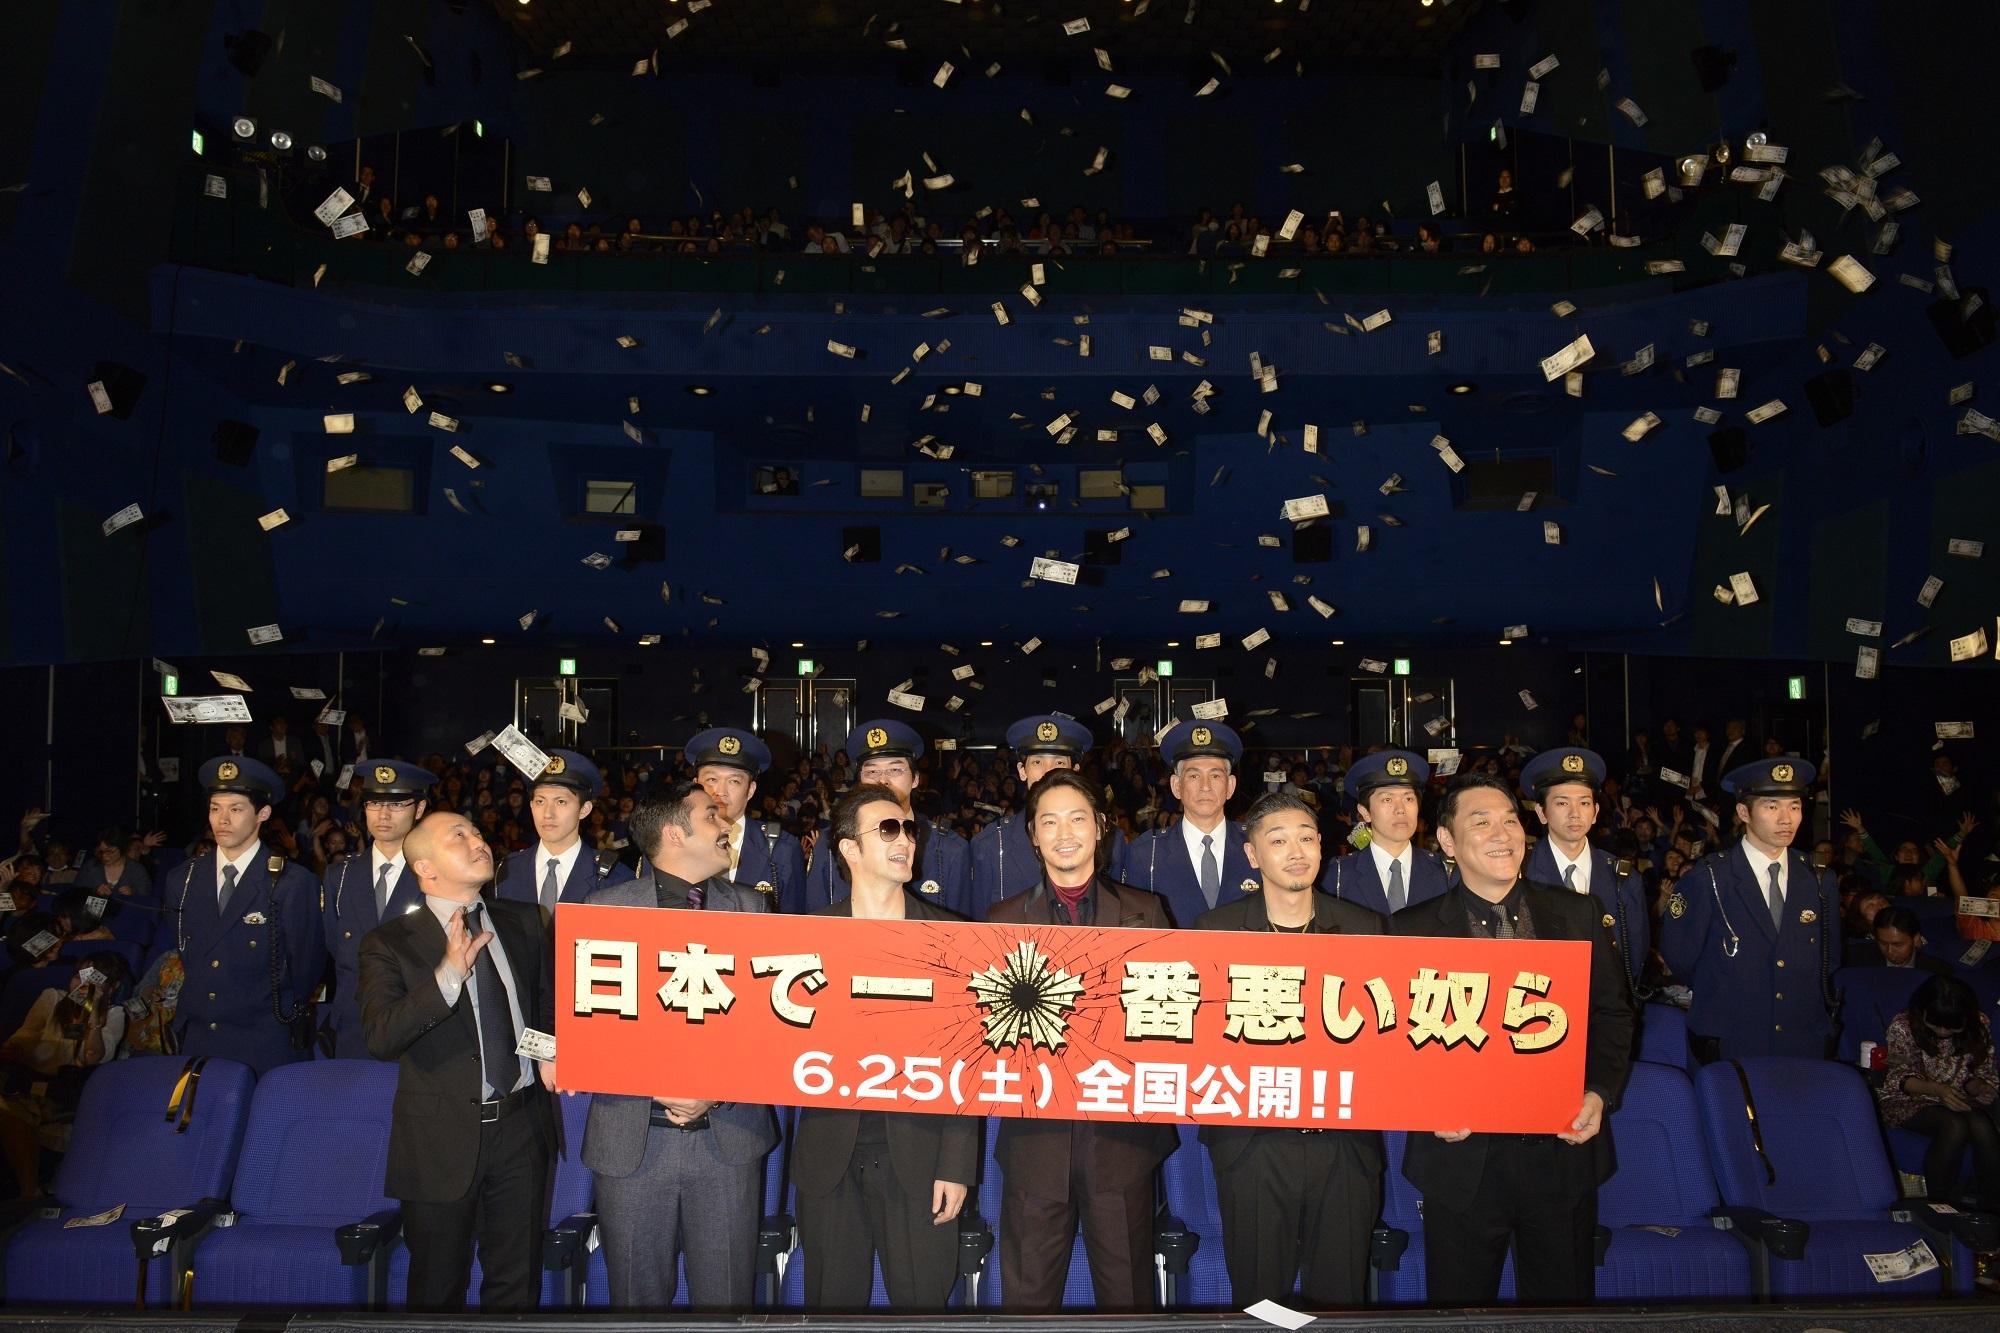 左から 白石和彌監督、植野行雄(デニス)、中村獅童、綾野剛、YOUNG DAIS、ピエール瀧